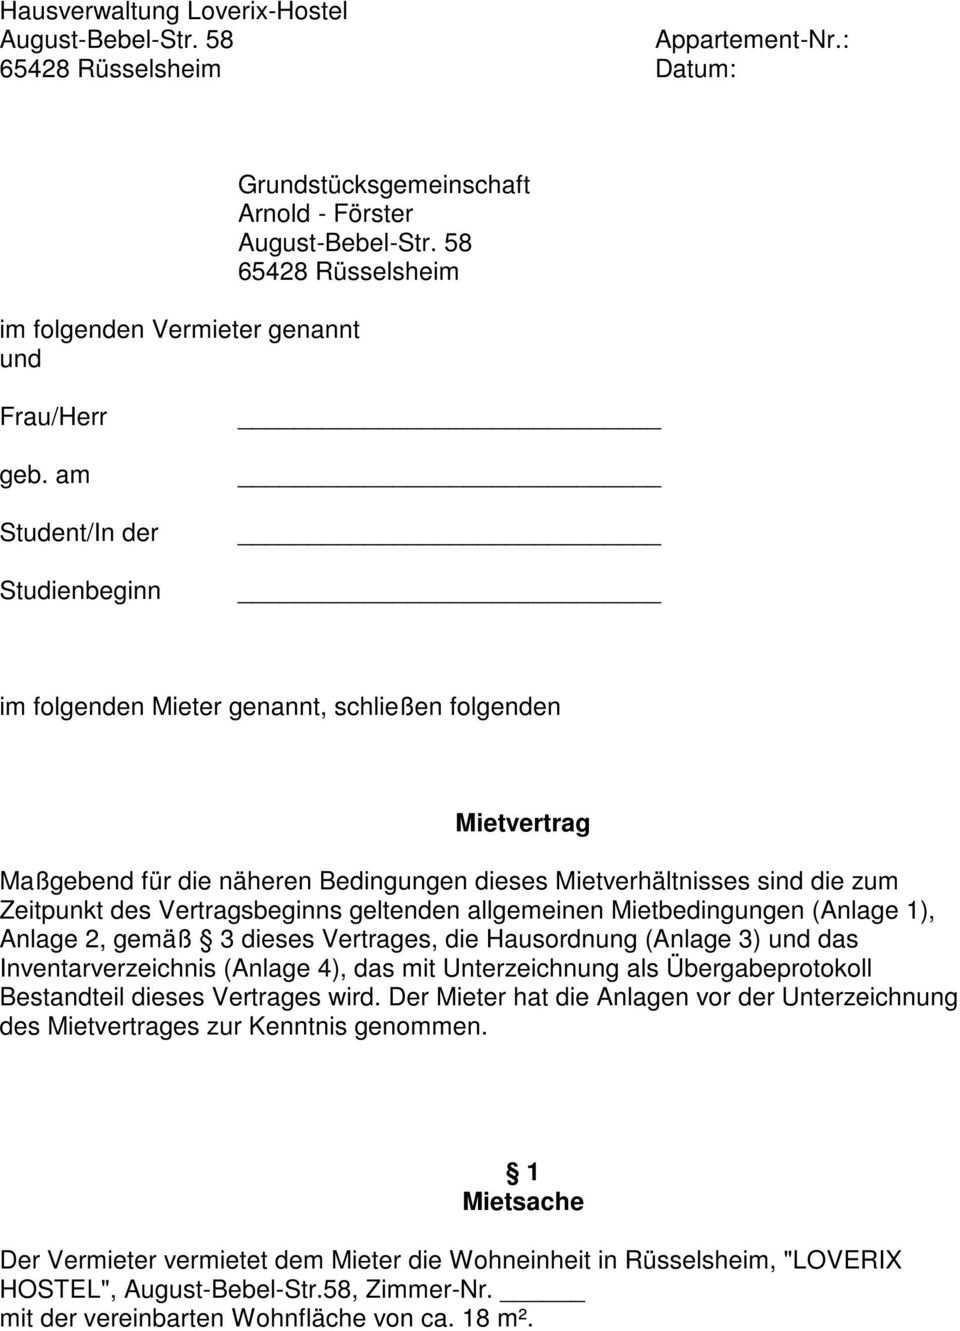 Grundstucksgemeinschaft Arnold Forster Pdf Kostenfreier Download